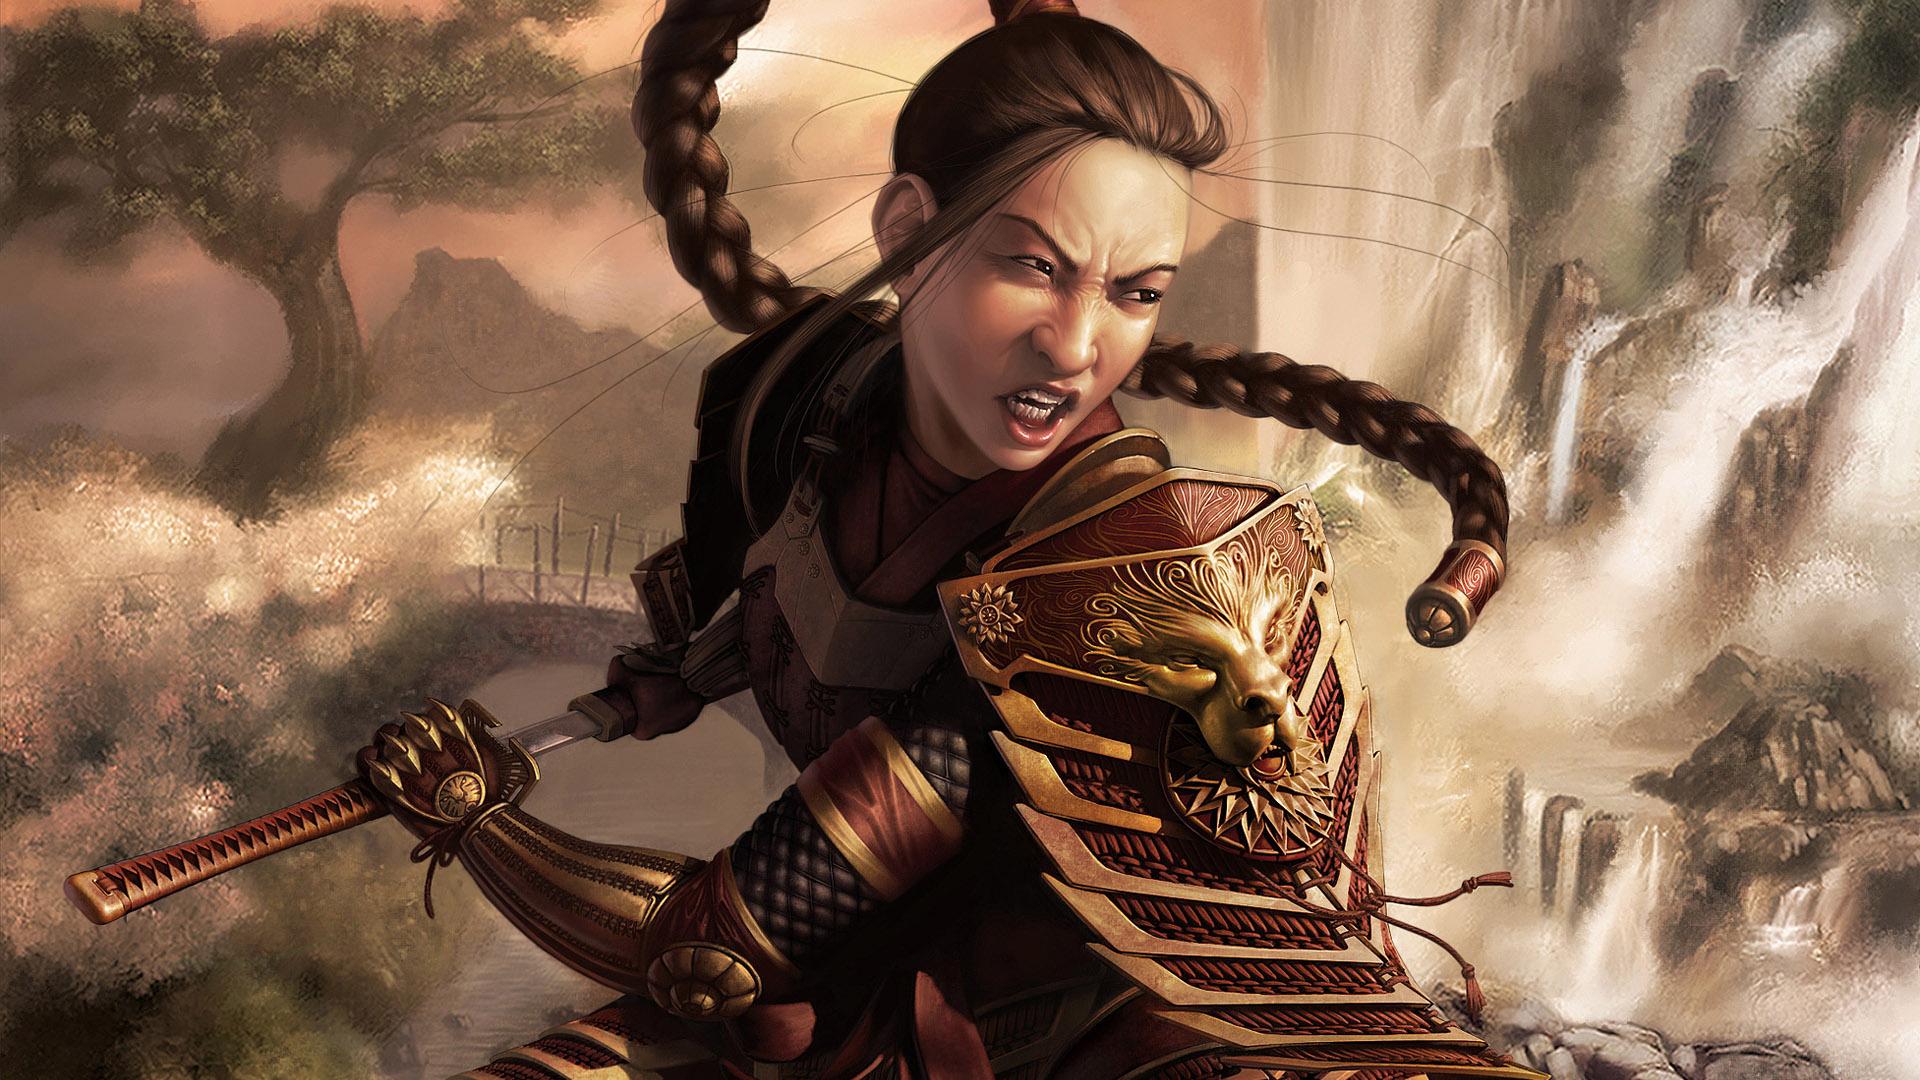 Samurai Girl desktop wallpaper pictures Samurai Girl photos Samurai 1920x1080